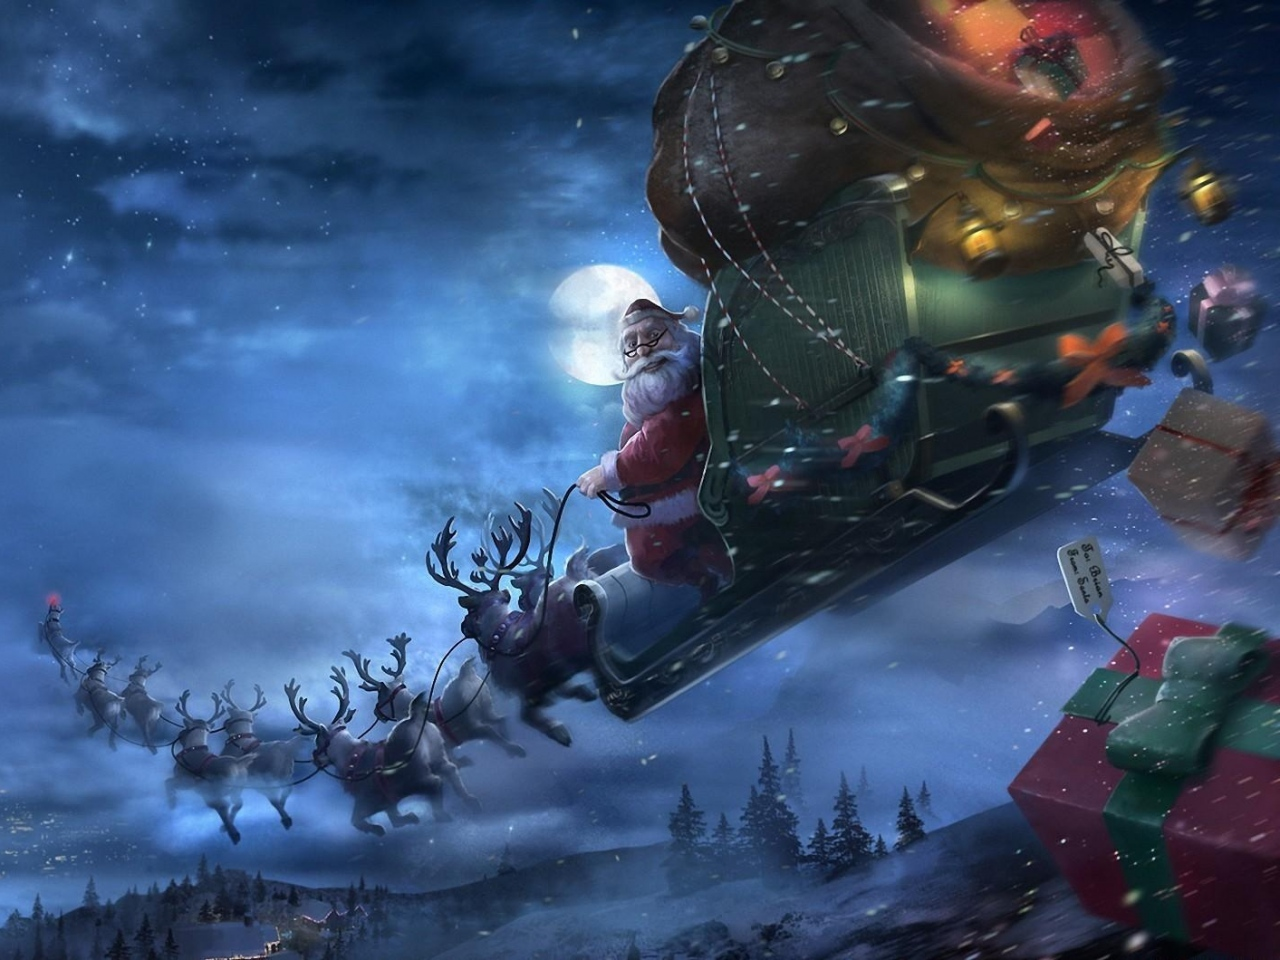 poro kuvia joulupukki taustakuvia lentvt vektori joulu kuvia 1280x960